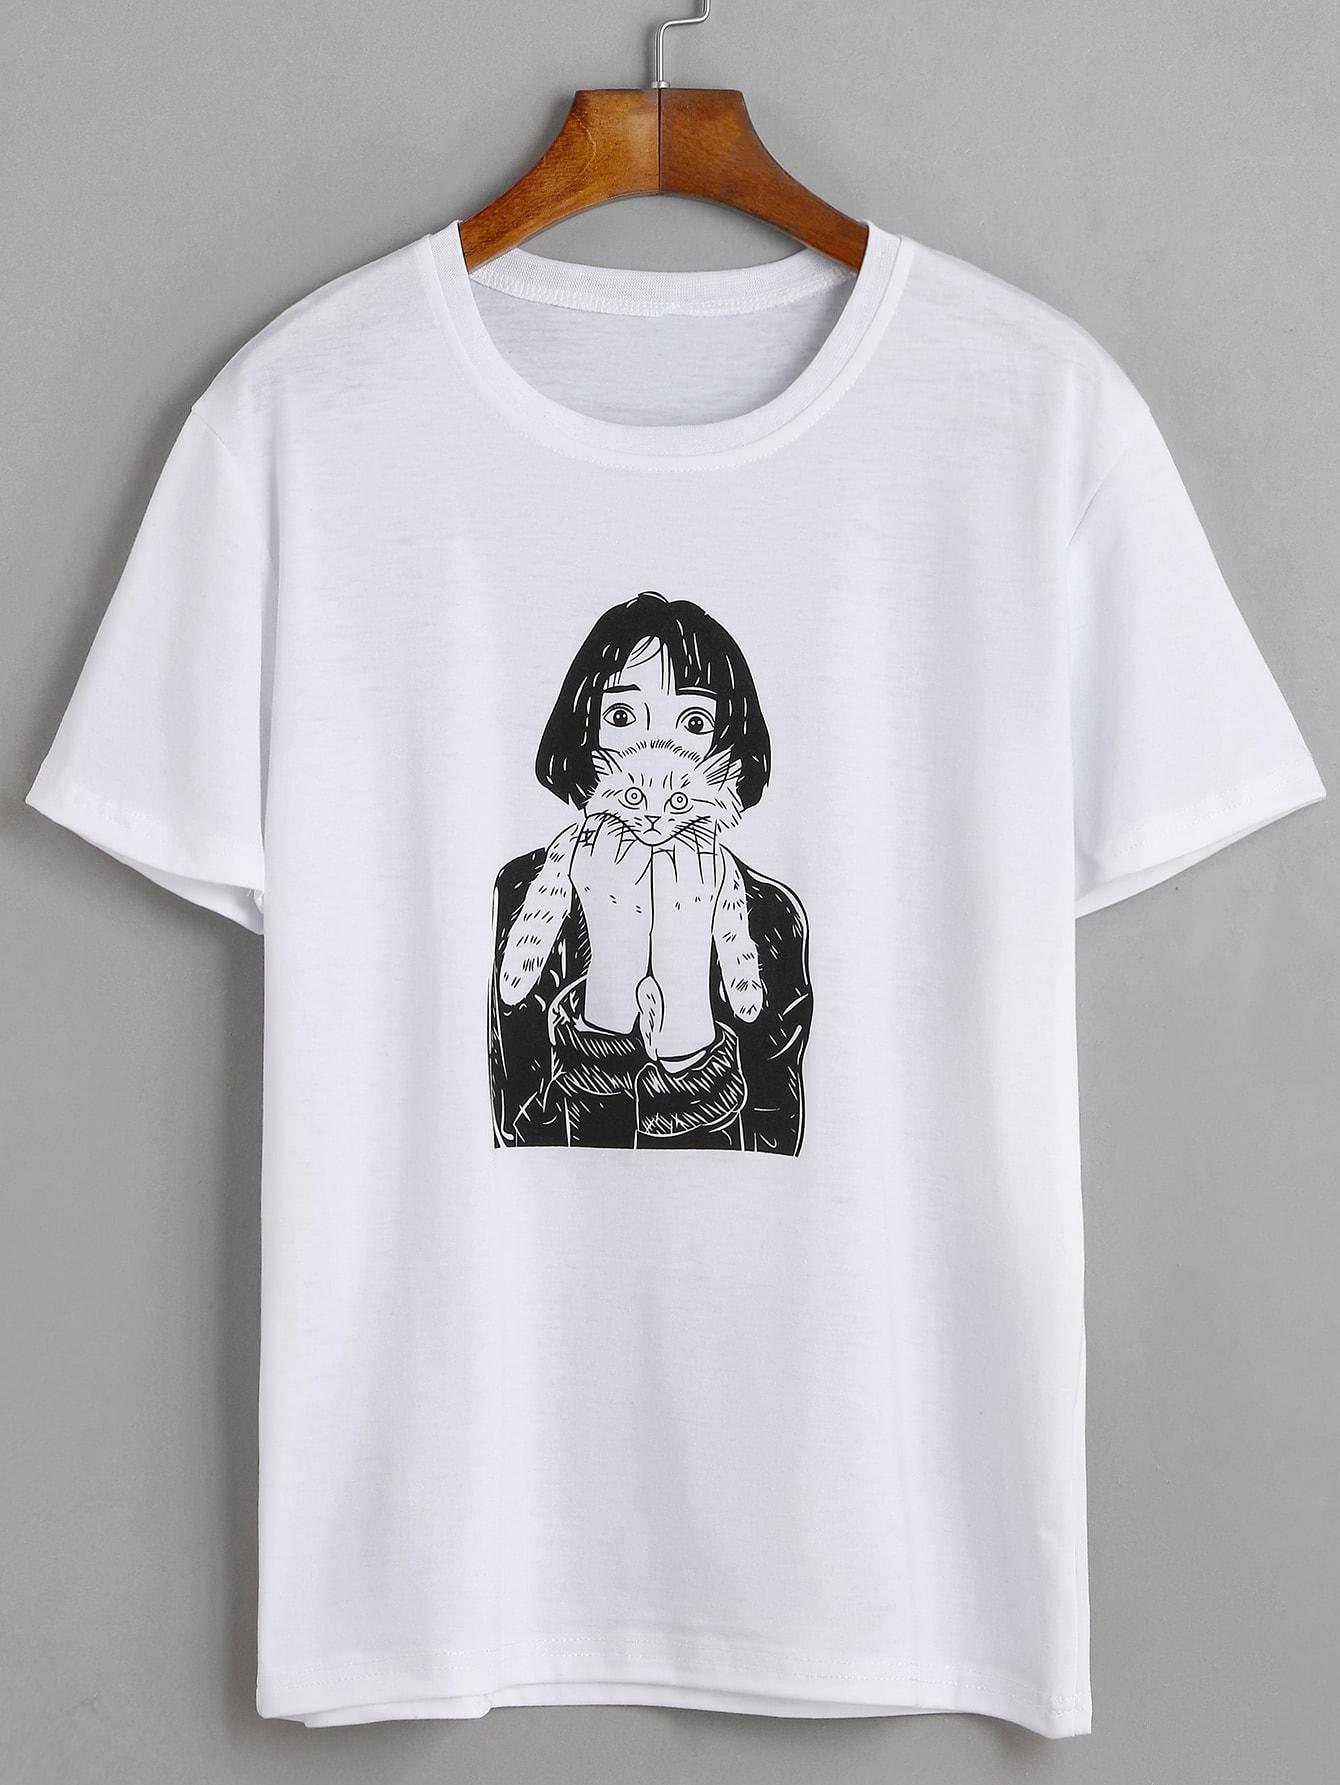 Animal Print Blouses Shirts